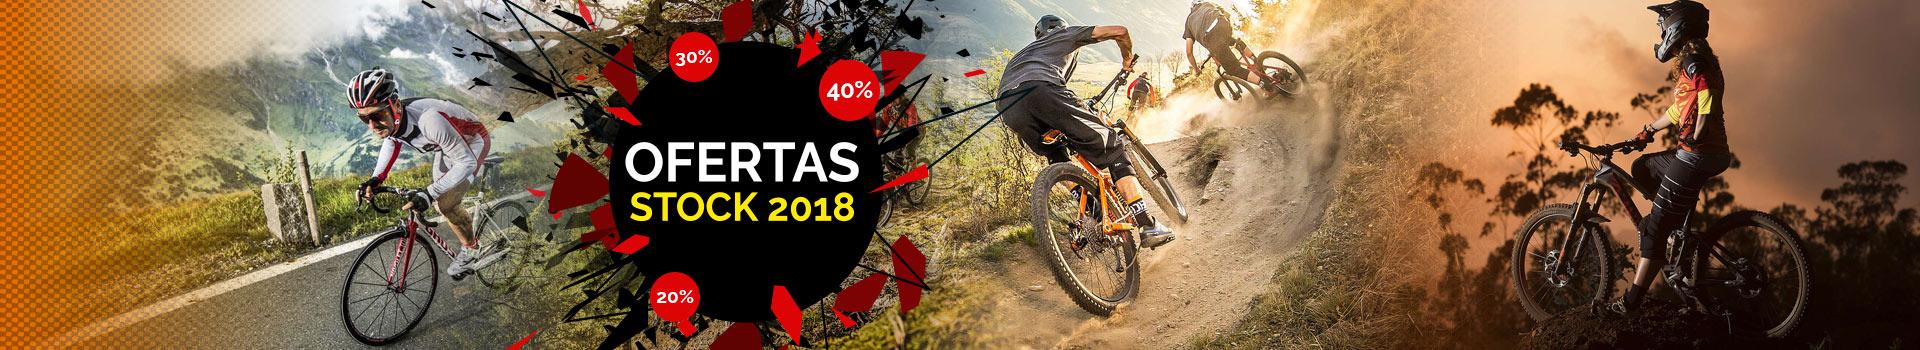 ofertas, stock 2018, tienda bicicletas tui